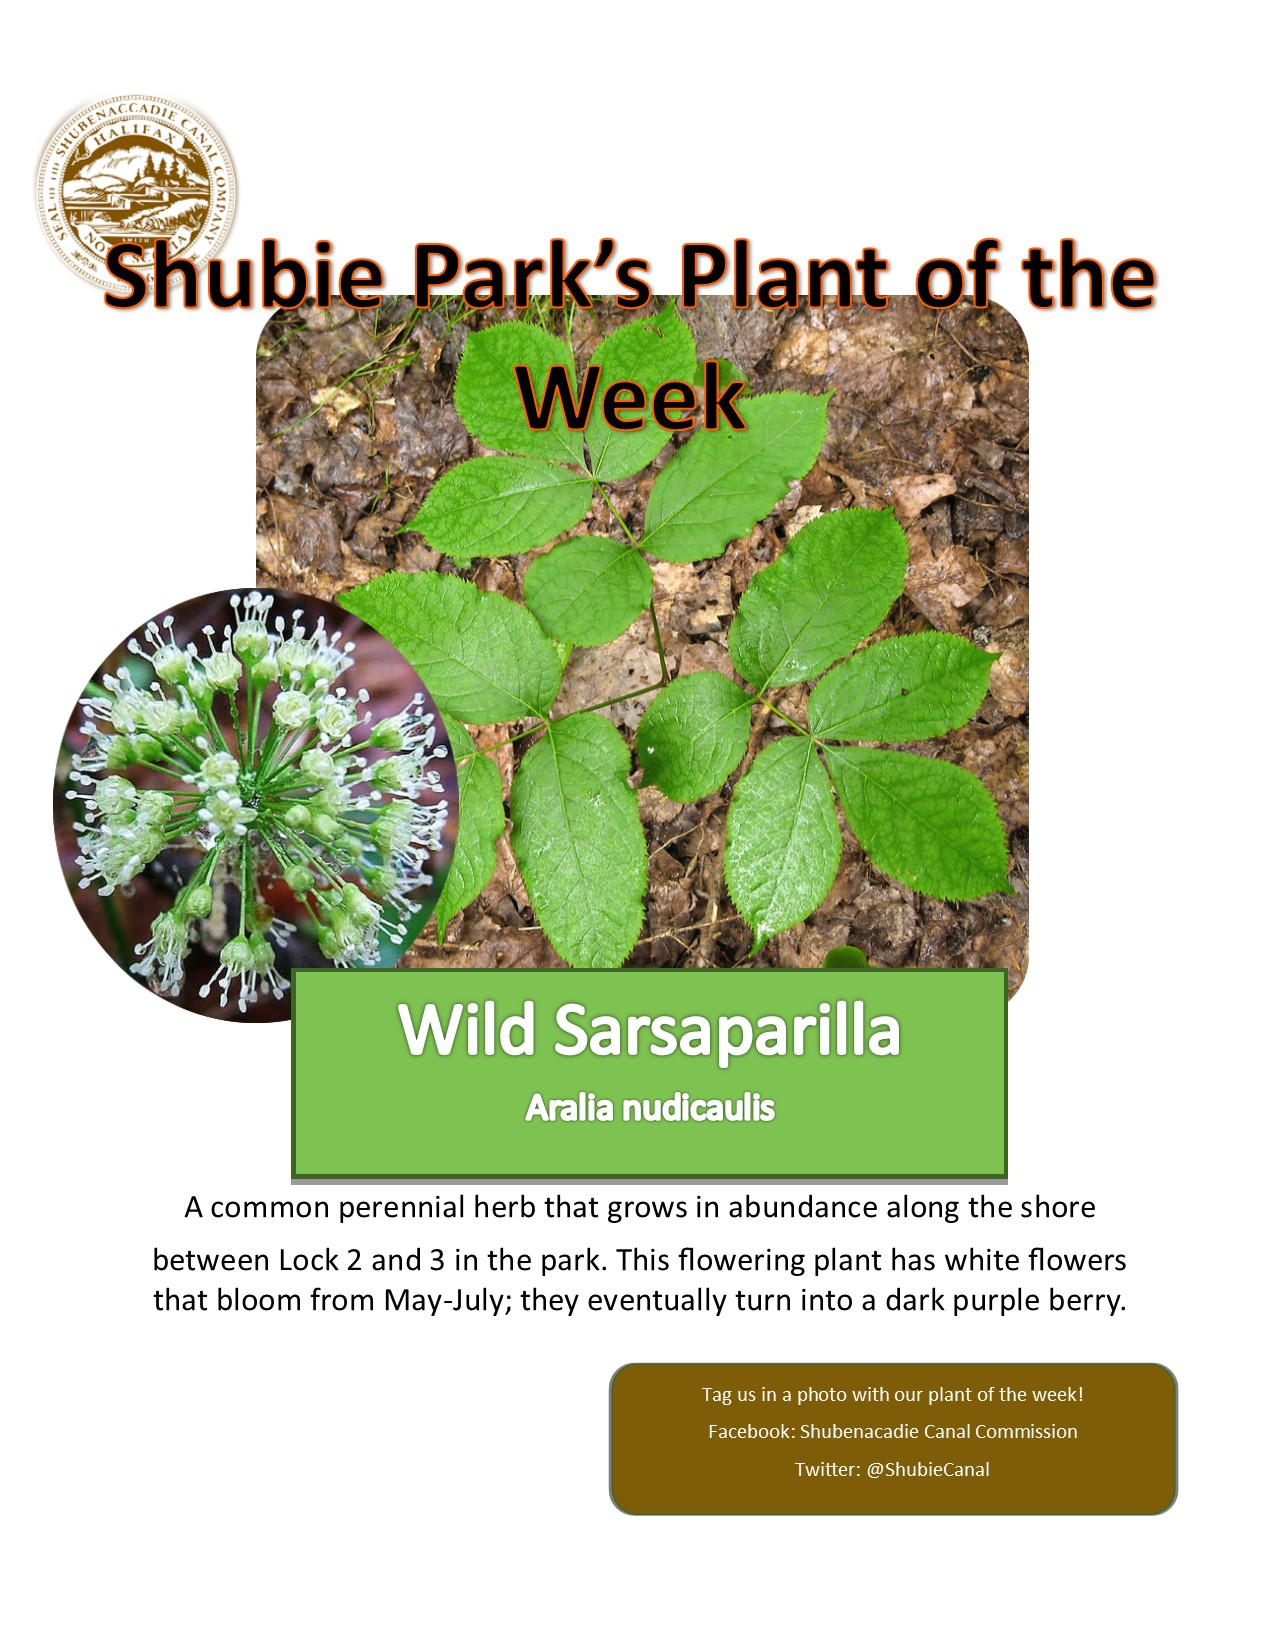 Plant-of-the-week-1.jpg